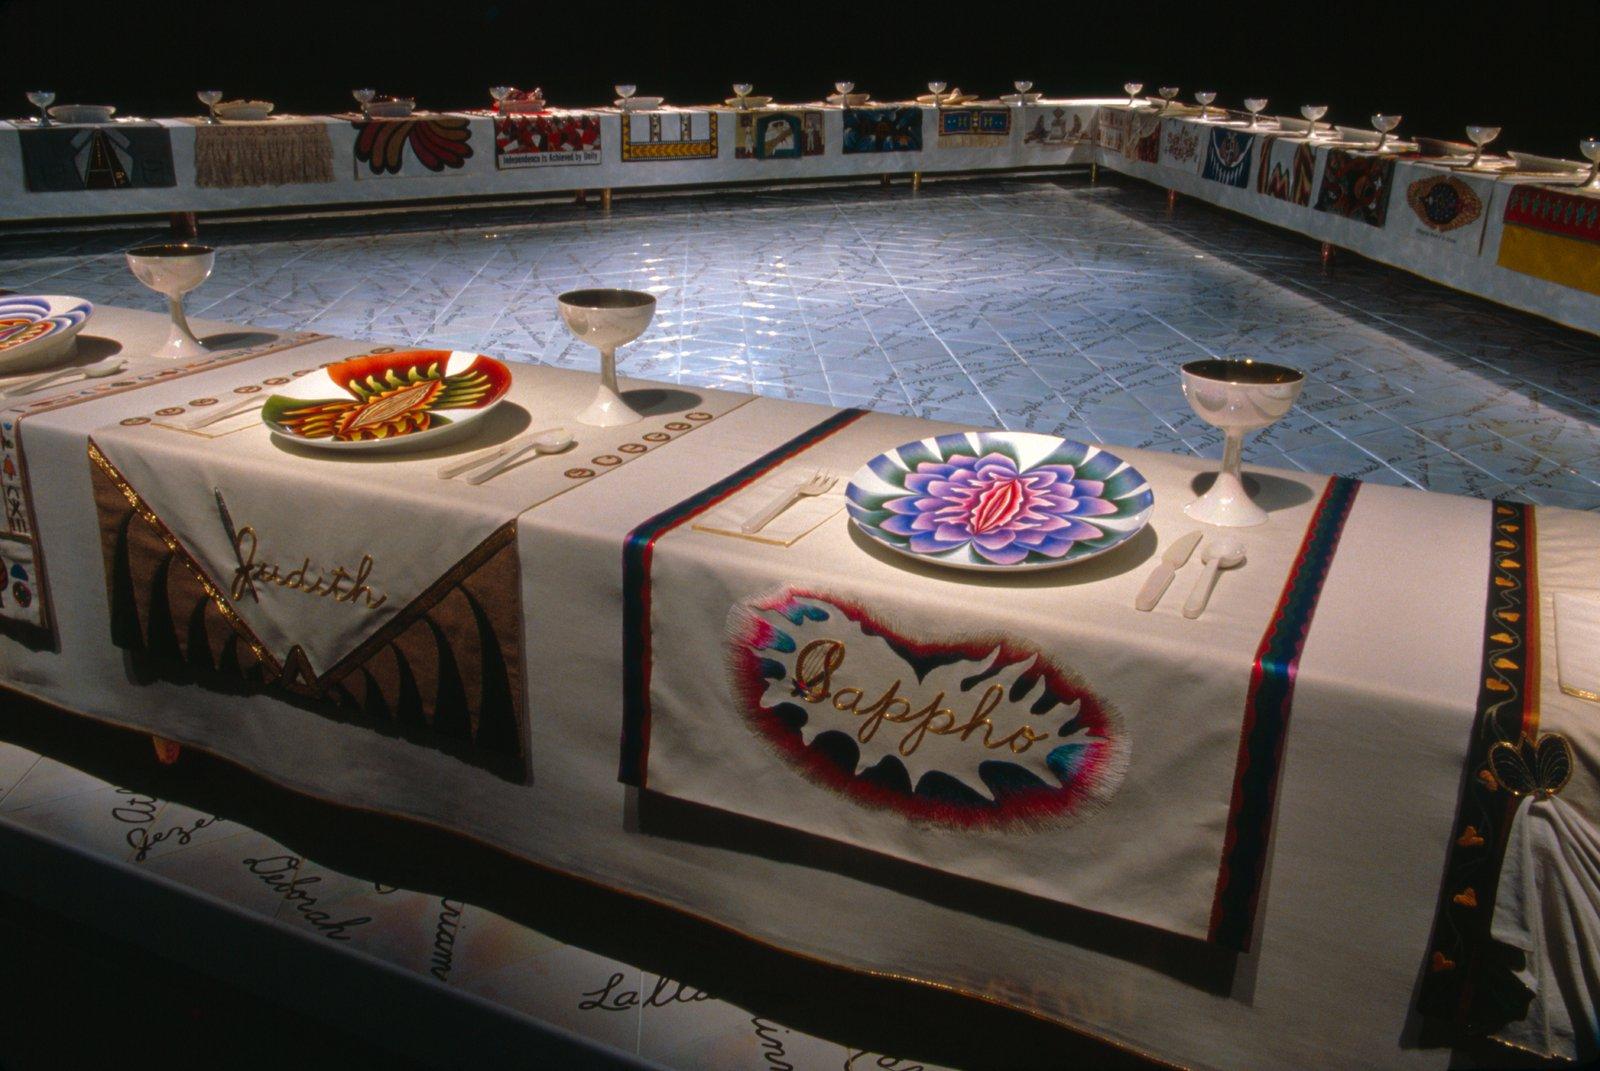 Salt: главное здесь, остальное по вкусу - Джуди Чикаго «Званый ужин». 1979. Courtesy photo